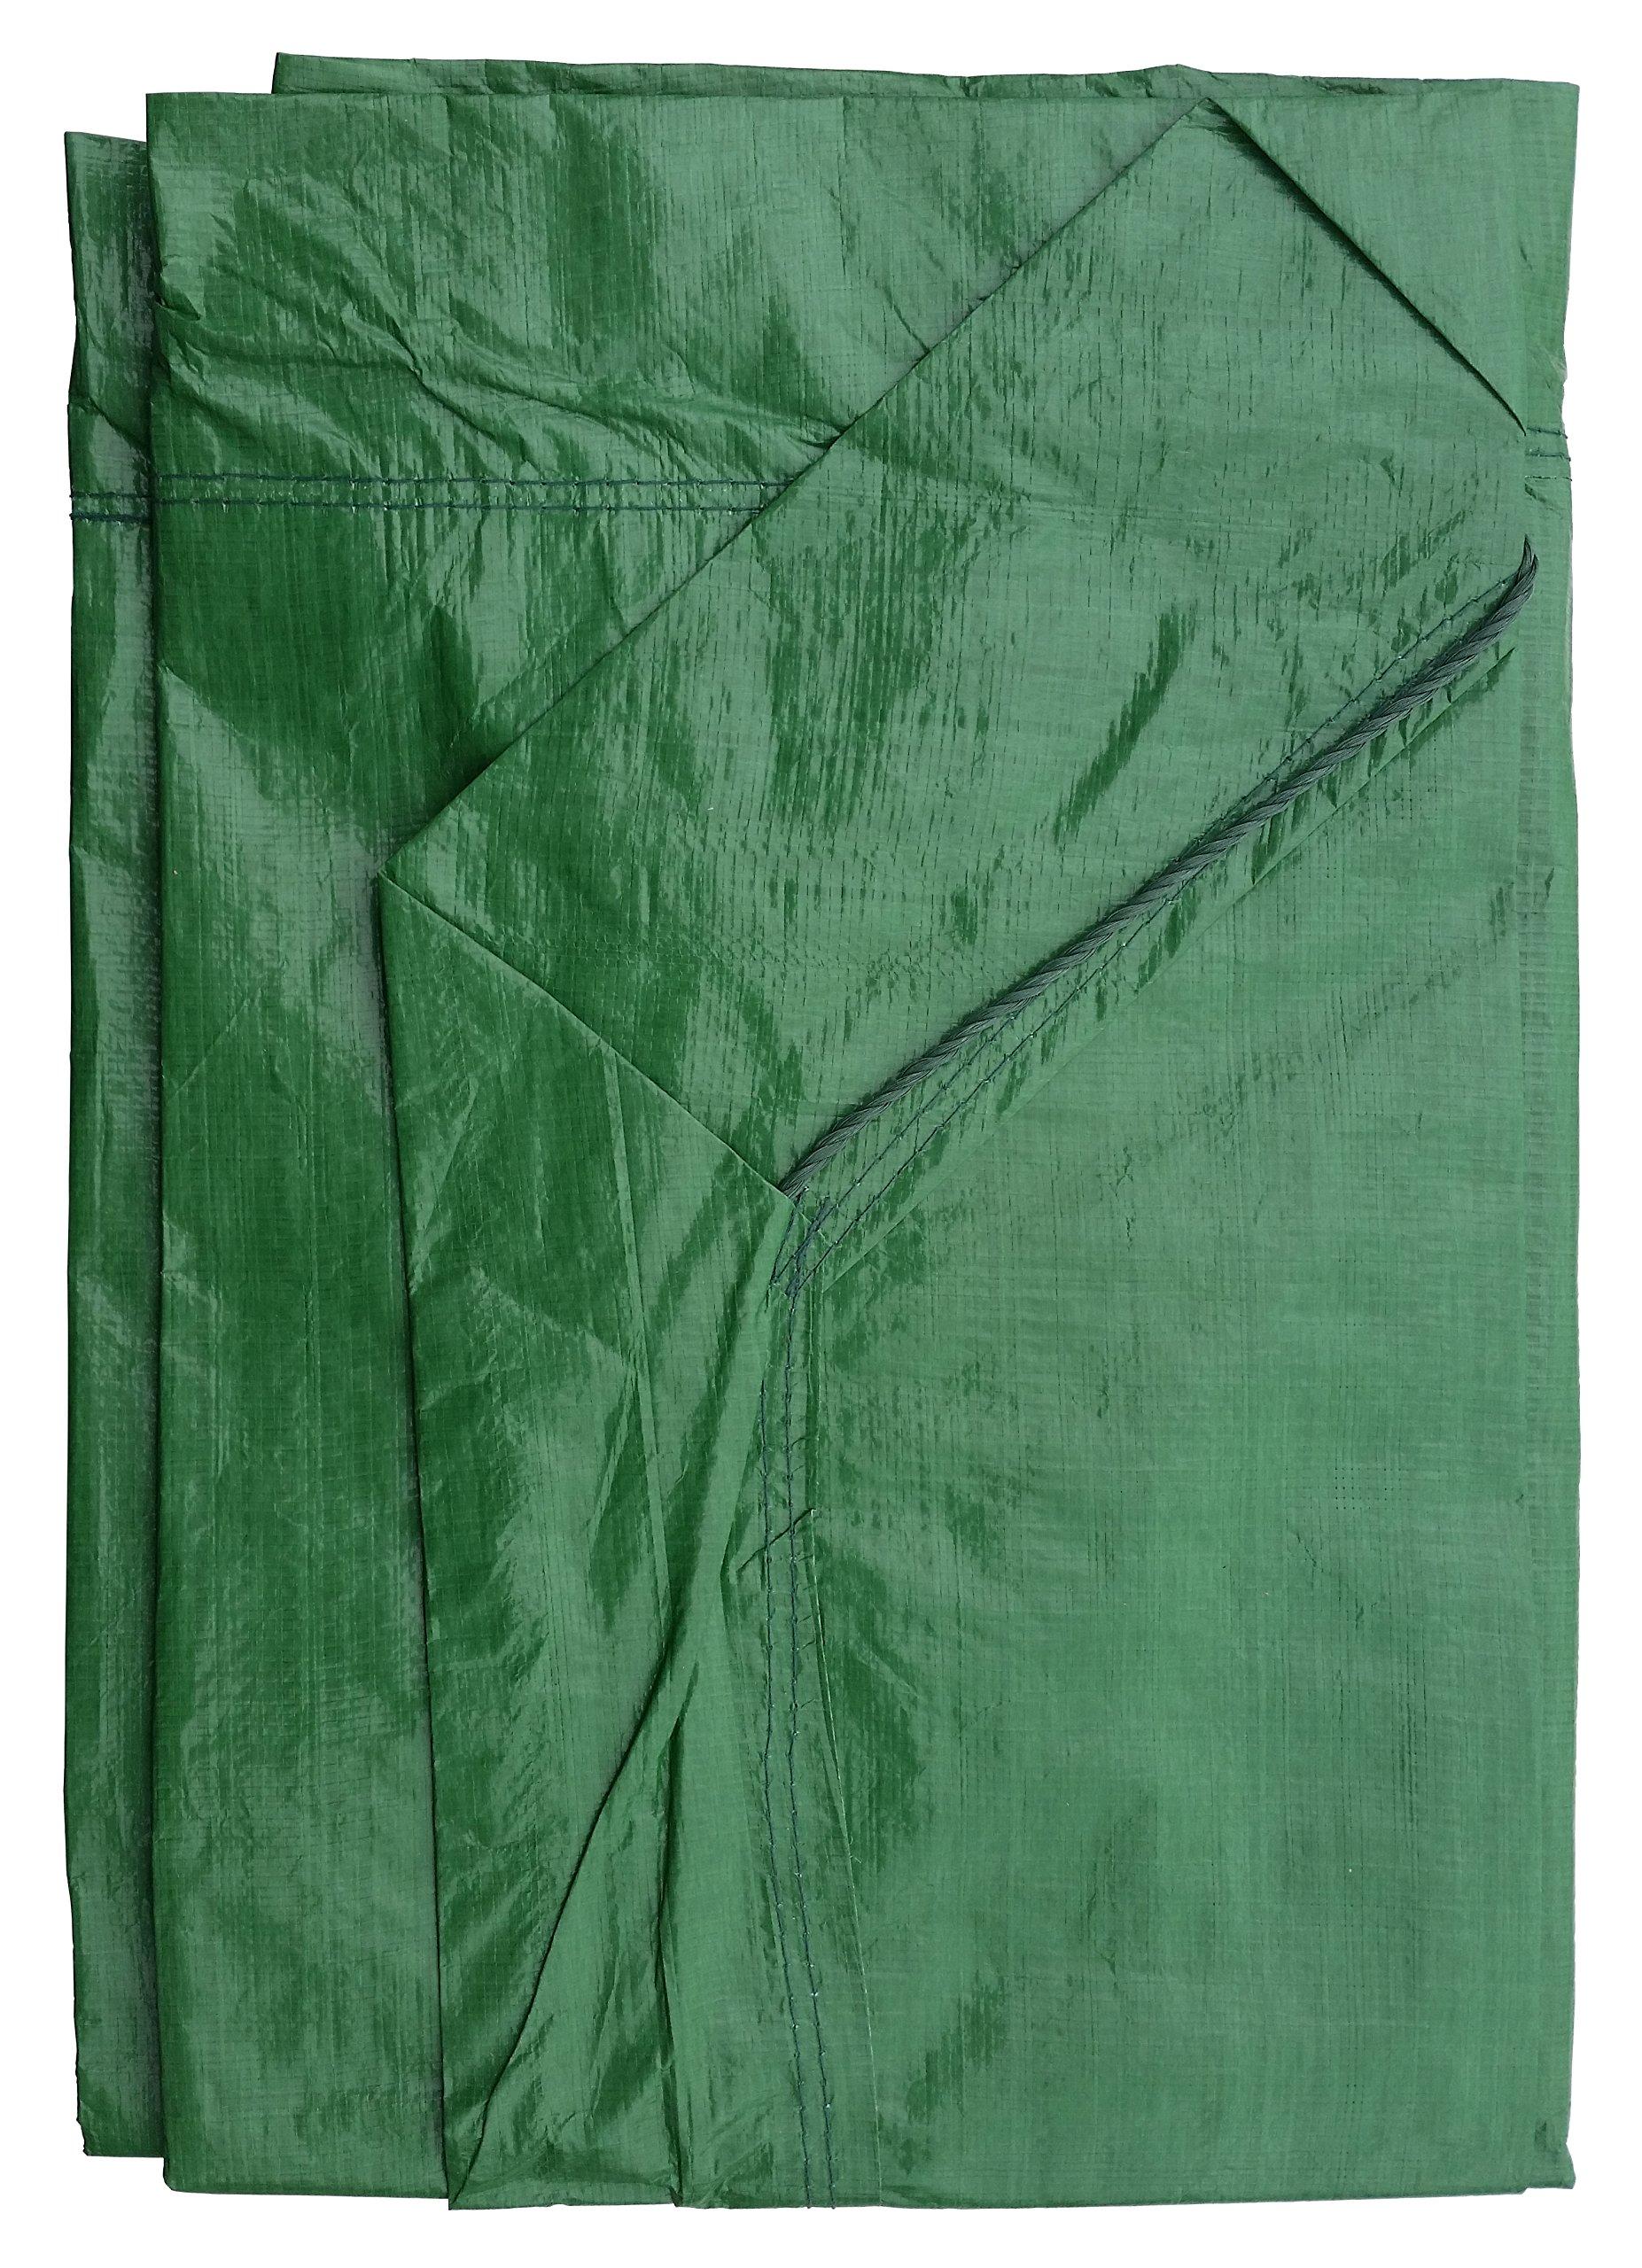 9' x 9' Hunter Green Drawstring Tarp